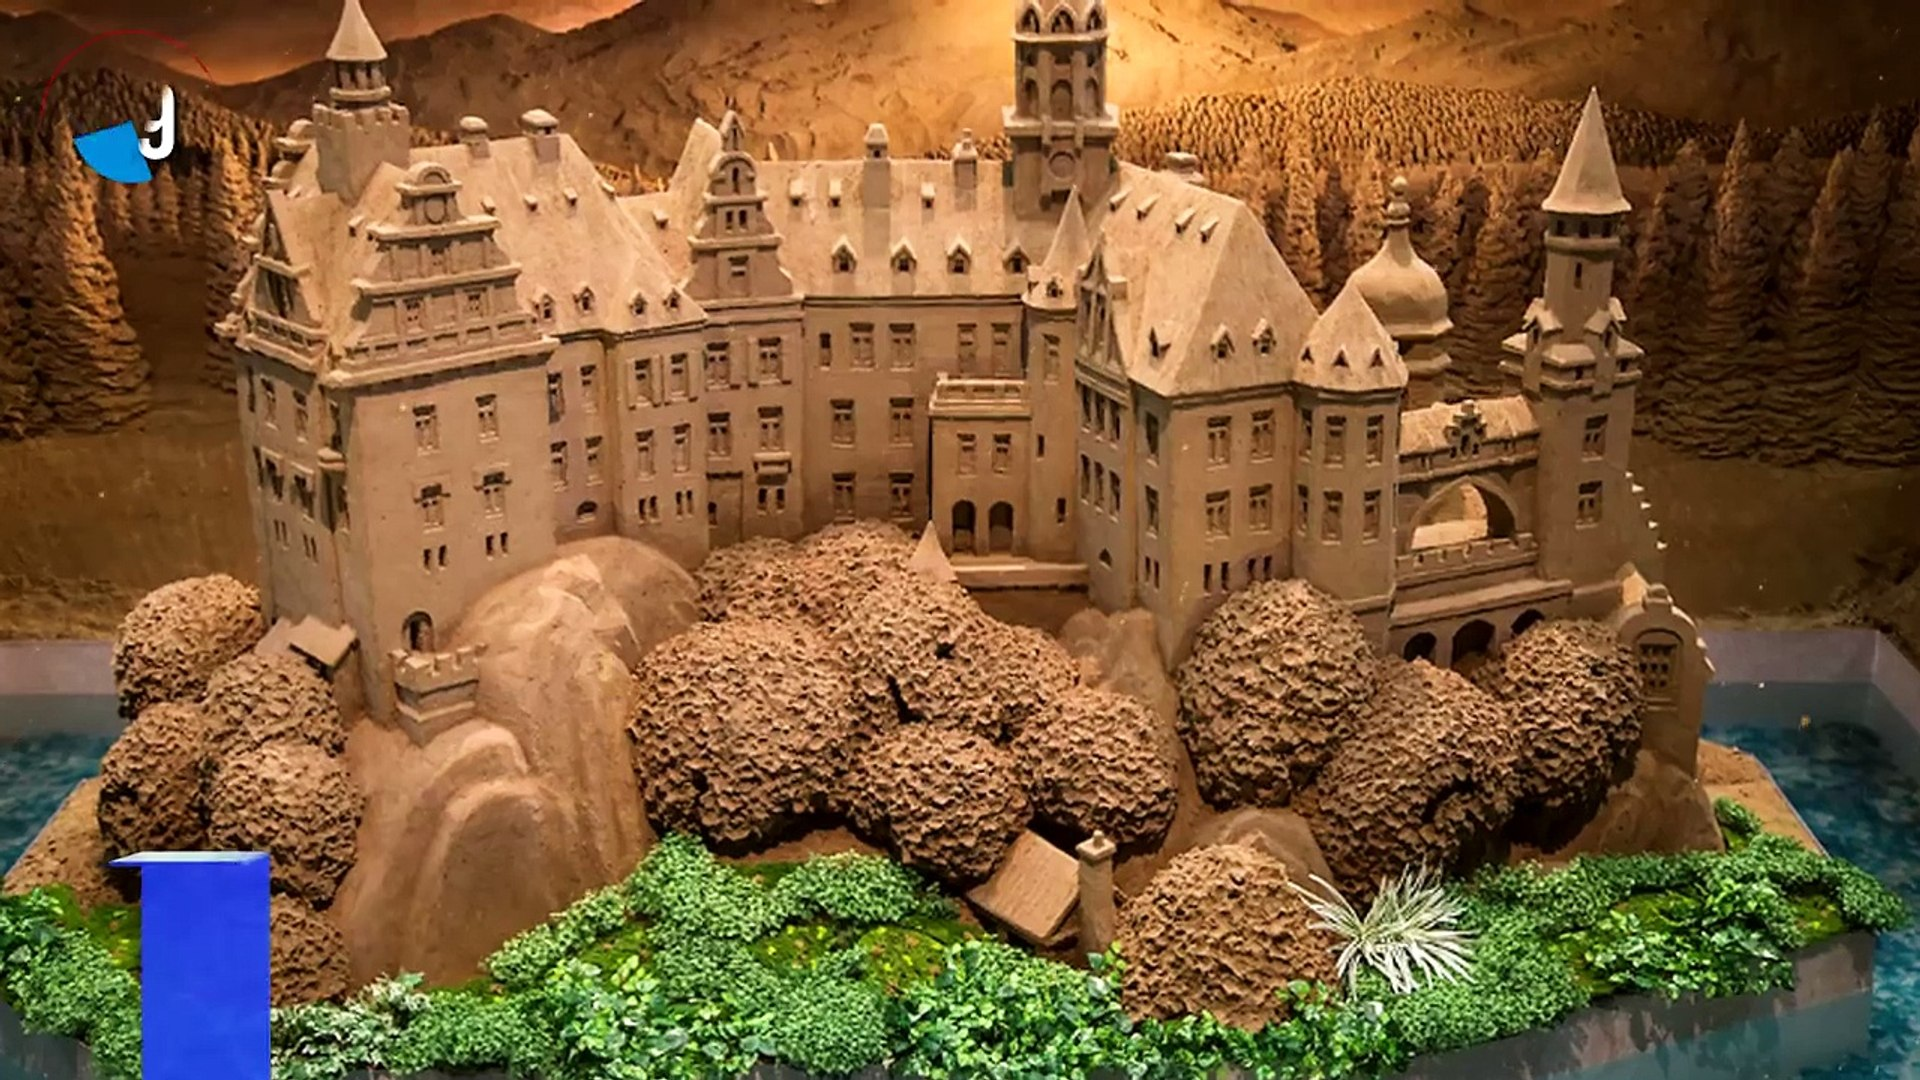 30 Unbelievable Sand Sculptures